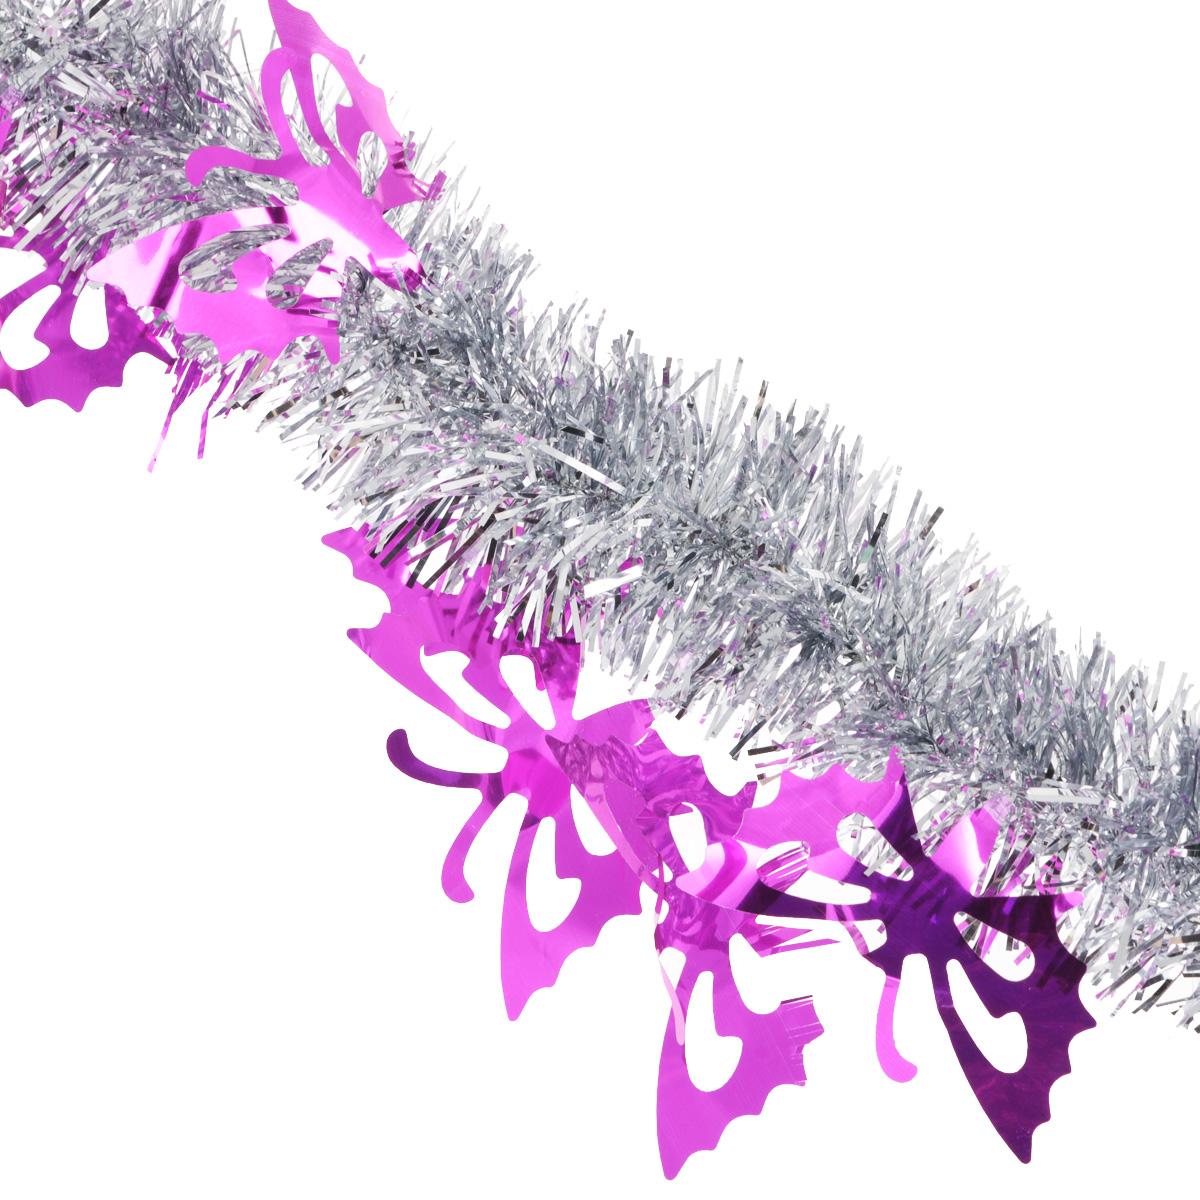 Мишура новогодняя Sima-land, цвет: серебристый, фиолетовый, диаметр 5 см, длина 200 см1125295Мишура новогодняя Sima-land, выполненная из двухцветной фольги, поможет вам украсить свой дом к предстоящим праздникам. Мишура армирована, то есть имеет проволоку внутри и способна сохранять приданную ей форму.Новогодняя елка с таким украшением станет еще наряднее. Новогодней мишурой можно украсить все, что угодно - елку, квартиру, дачу, офис - как внутри, так и снаружи. Можно сложить новогодние поздравления, буквы и цифры, мишурой можно украсить и дополнить гирлянды, можно выделить дверные колонны, оплести дверные проемы. Мишура принесет в ваш дом ни с чем несравнимое ощущение праздника! Создайте в своем доме атмосферу тепла, веселья и радости, украшая его всей семьей.